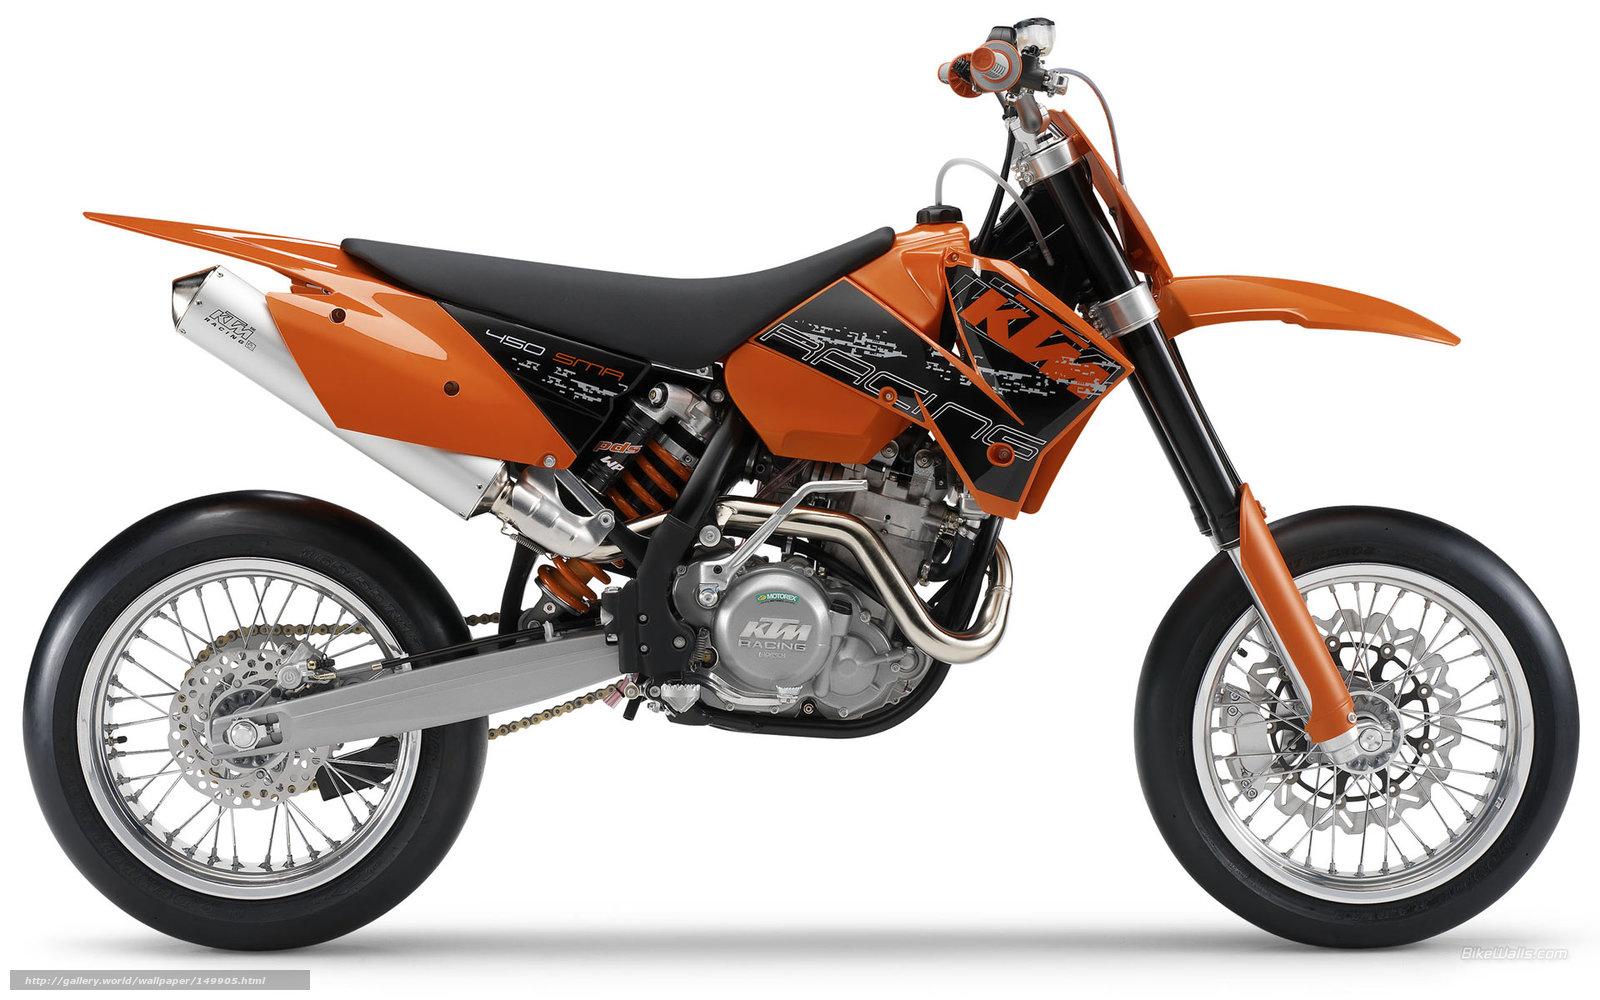 Tlcharger Fond d'ecran KTM, Supermoto, 450 SMR, SMR 450 2006 Fonds d'ecran gratuits pour votre ...